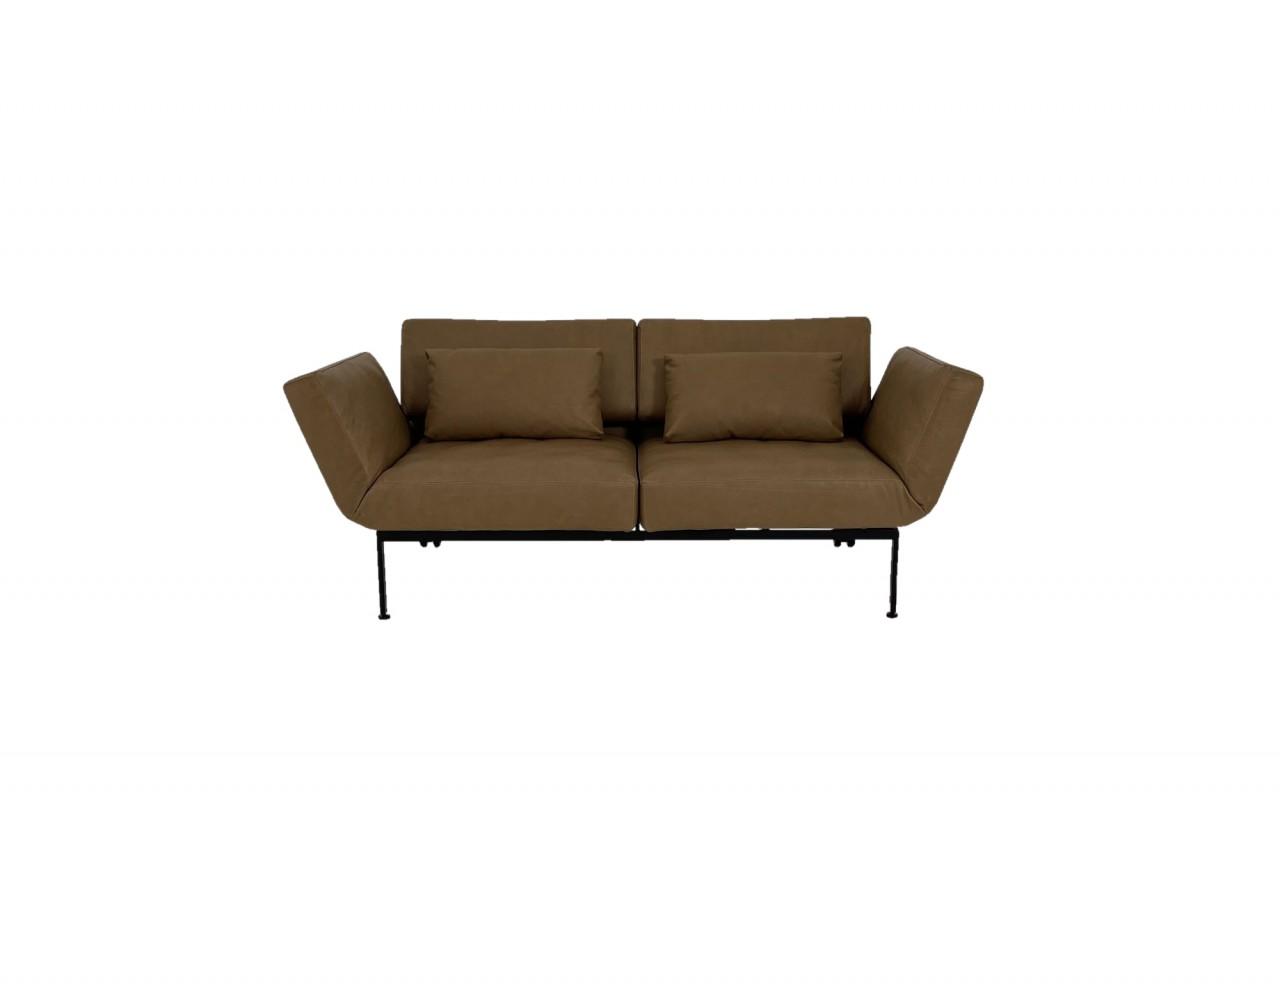 Brühl RORO/20 soft Sofa 2 mit weichen Sitzen in Leder Lama cognac mit Gestell schwarz mit Rollen hin